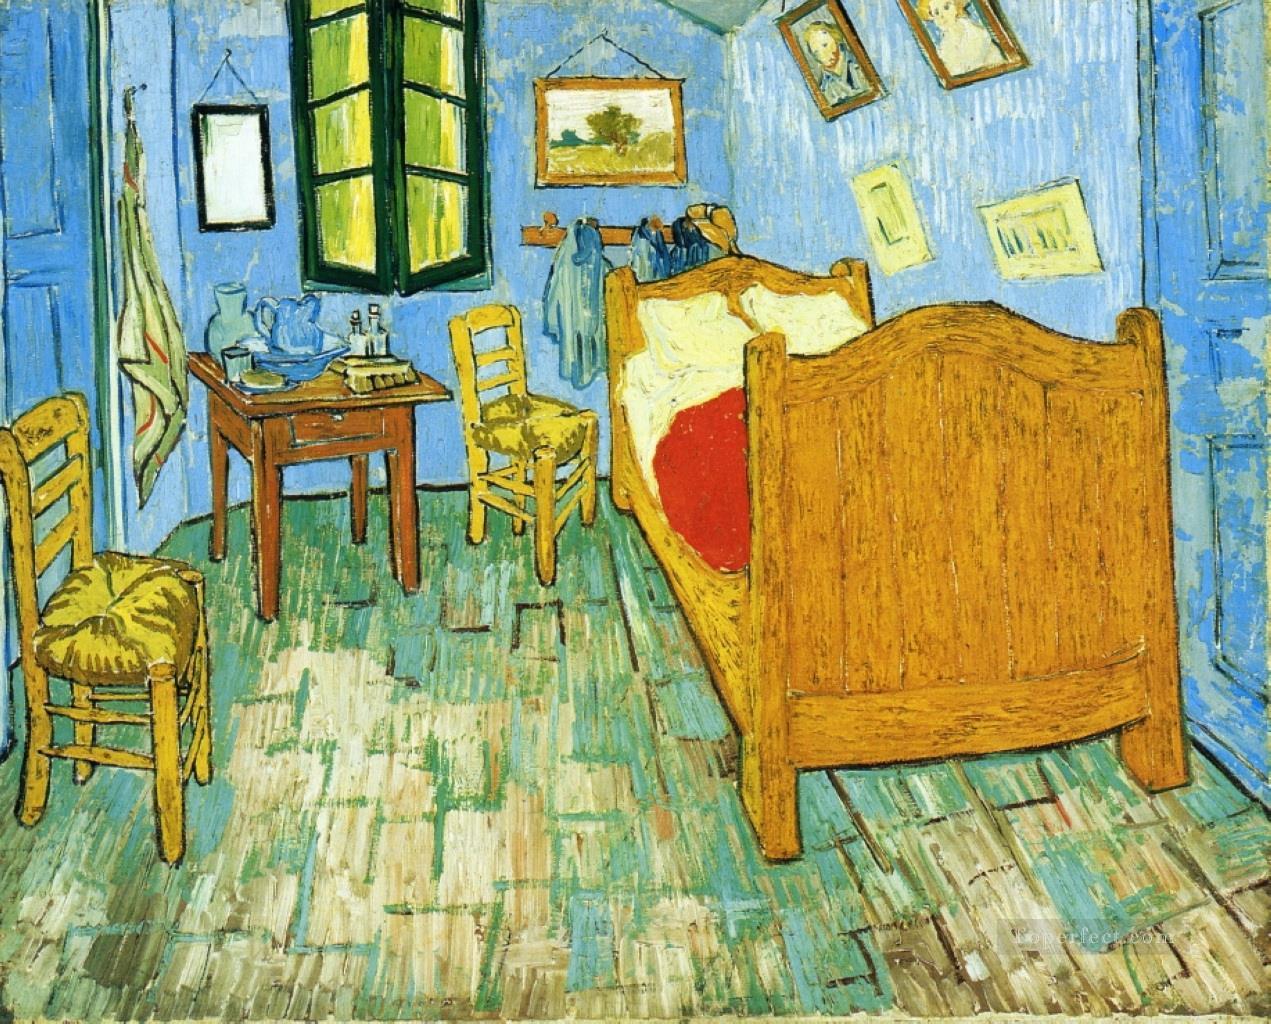 Vincent S Bedroom In Arles 2 Van Gogh Painting